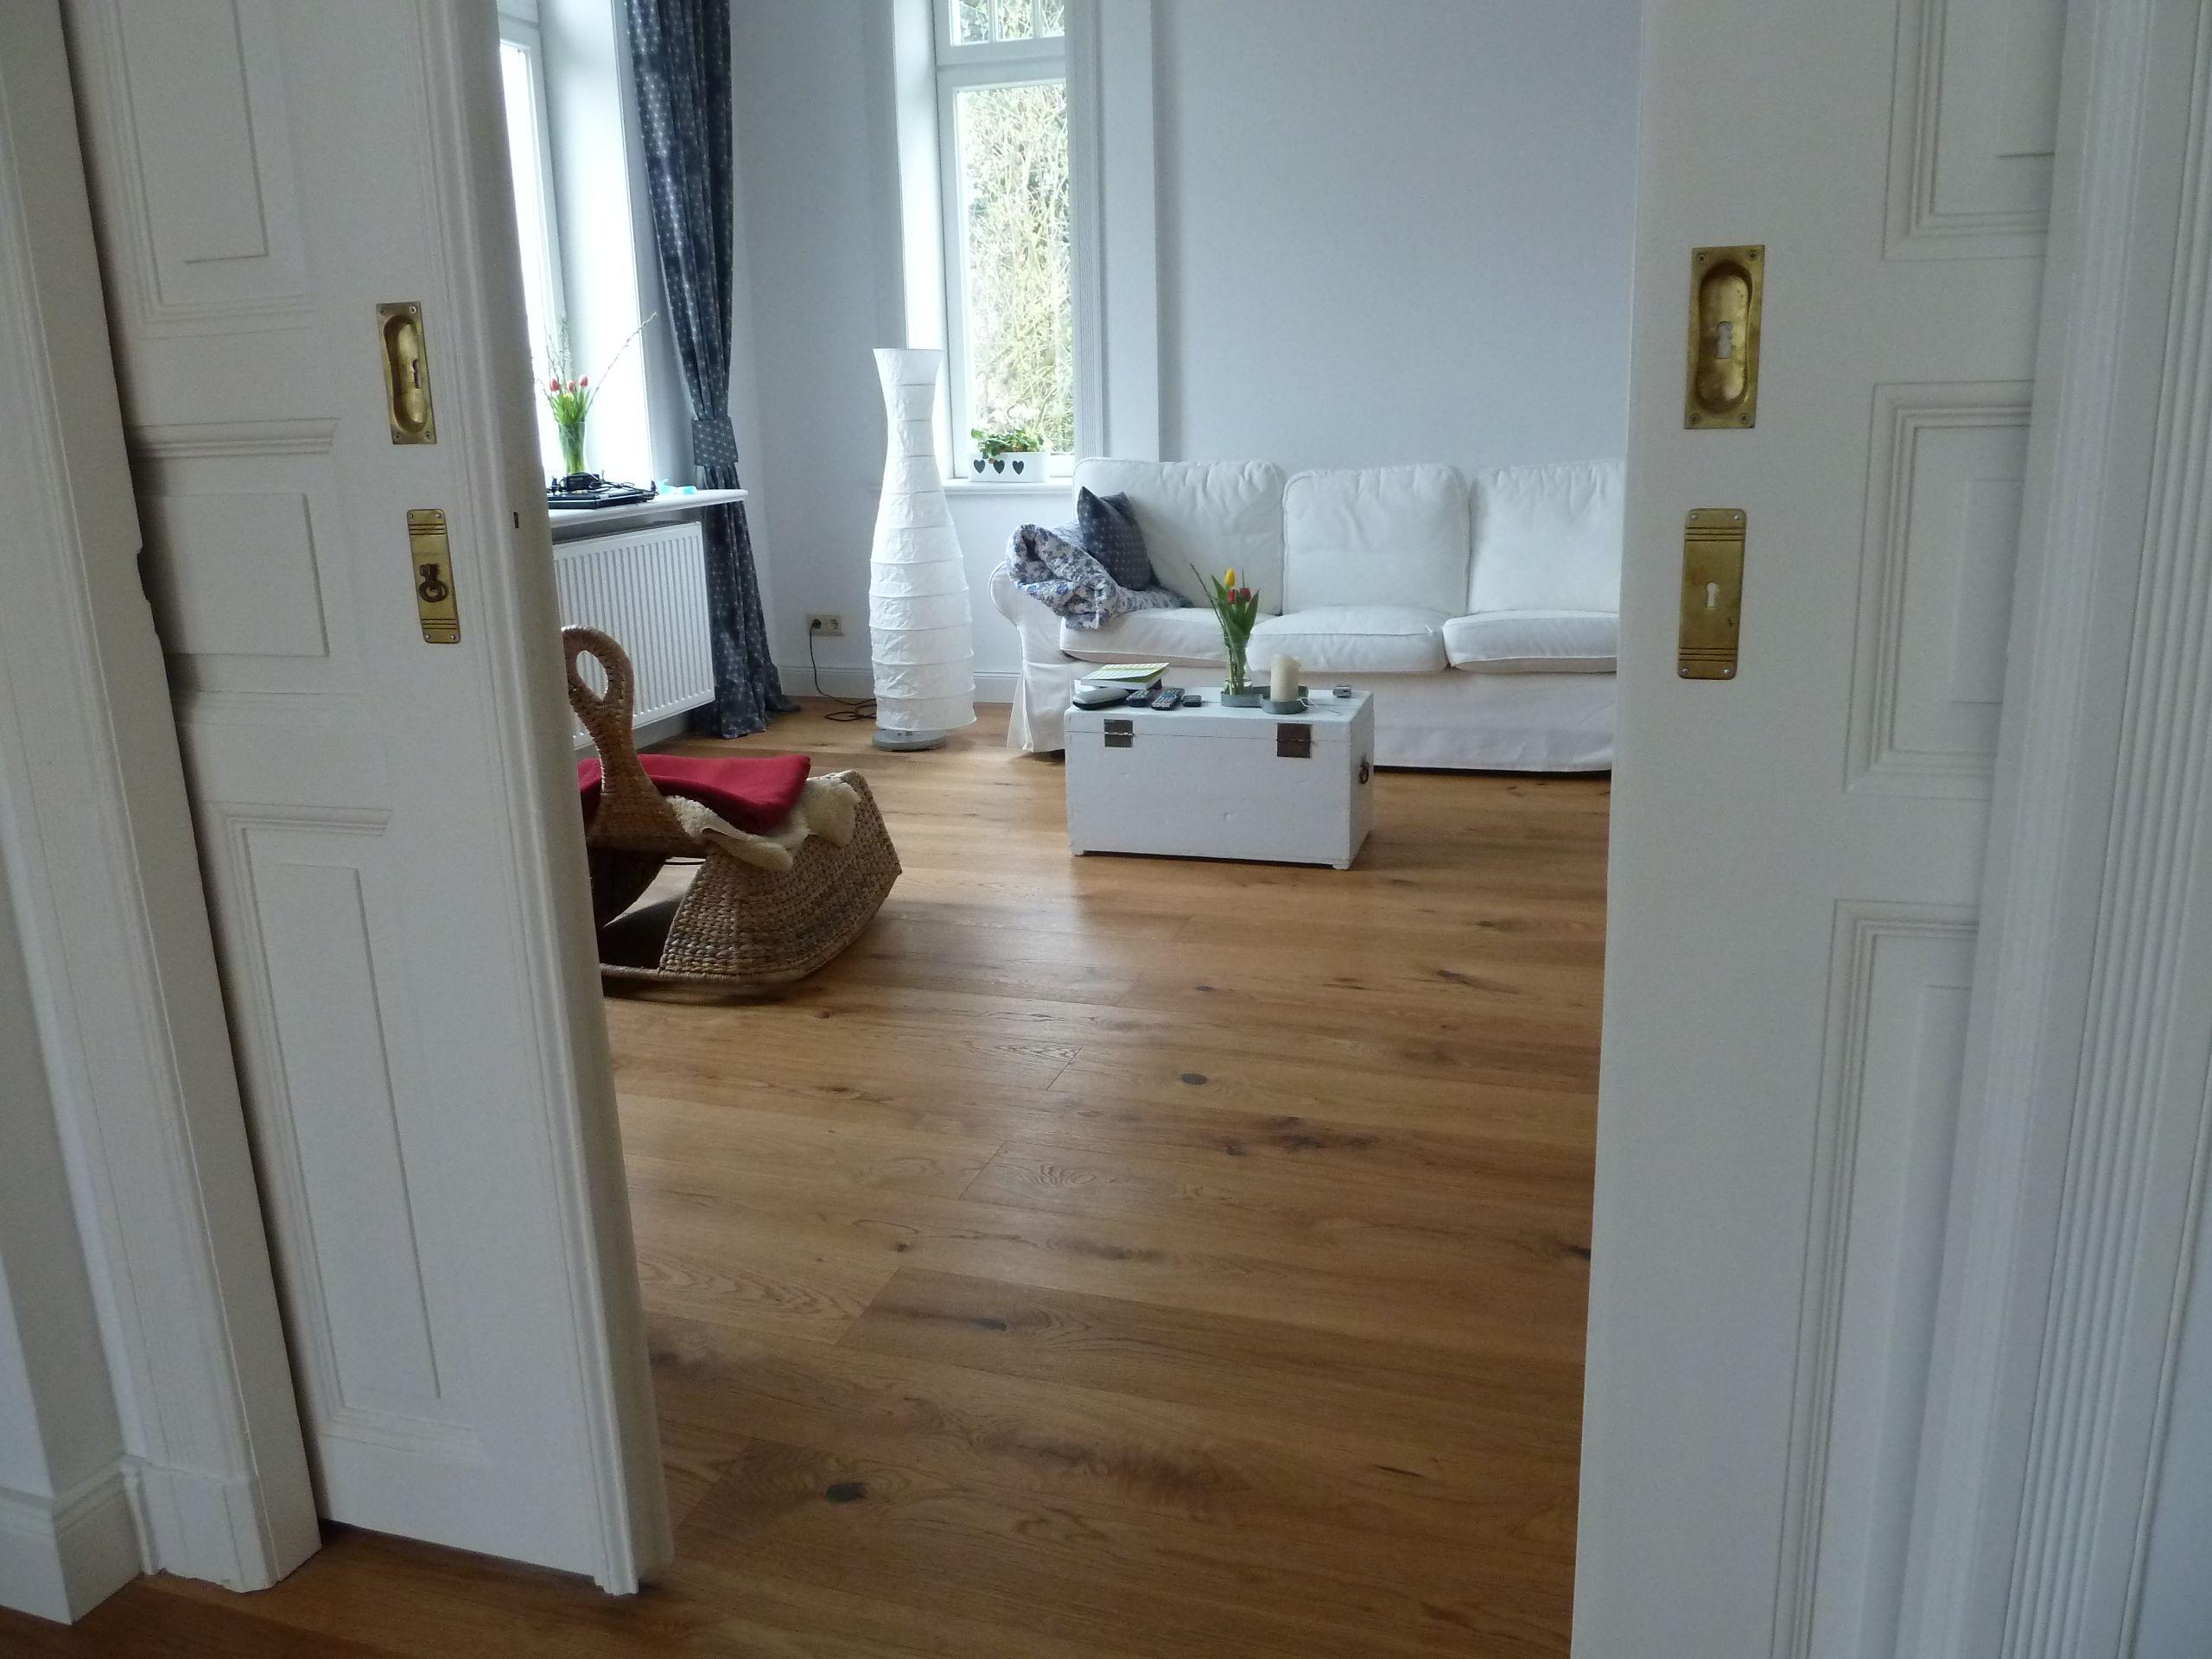 wohnzimmer mit schiebet r altbau pinterest wohnzimmer t ren und altbau. Black Bedroom Furniture Sets. Home Design Ideas